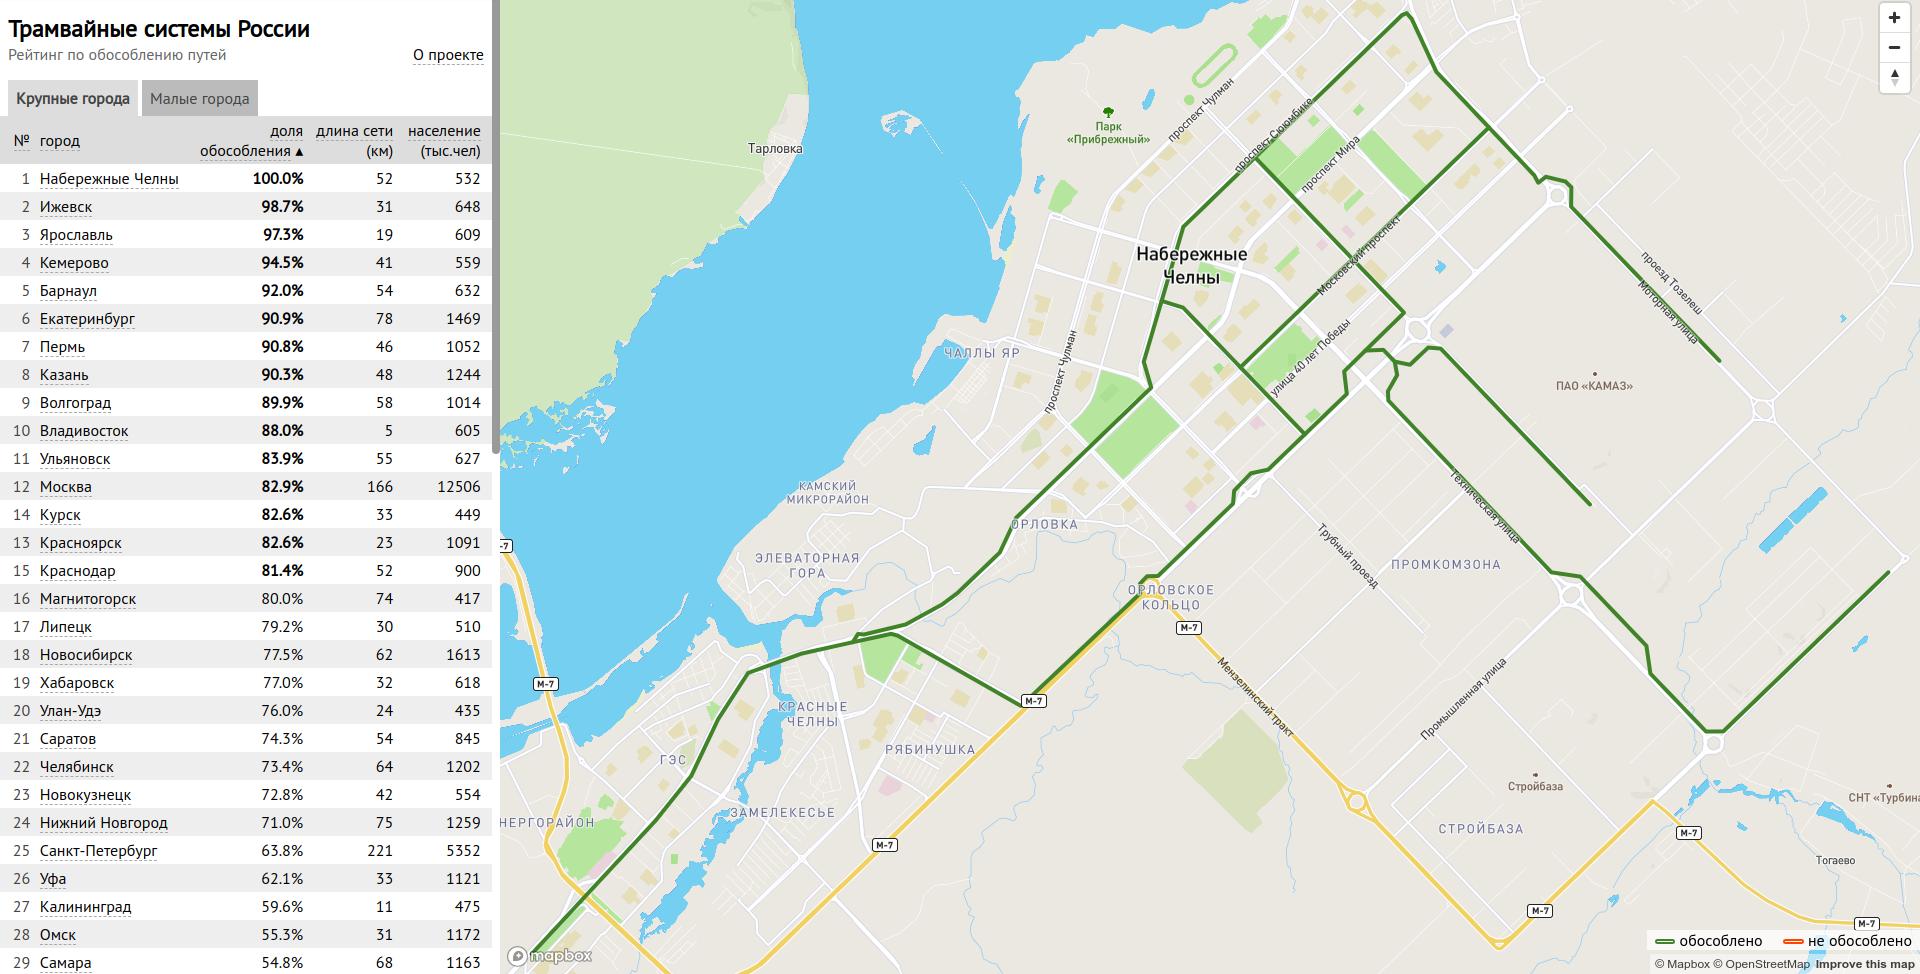 Дмитрий Лебедев: «Несколько лет назад я явно понимал, что еще чуть-чуть и OpenStreetMap пойдет ко дну» - 2